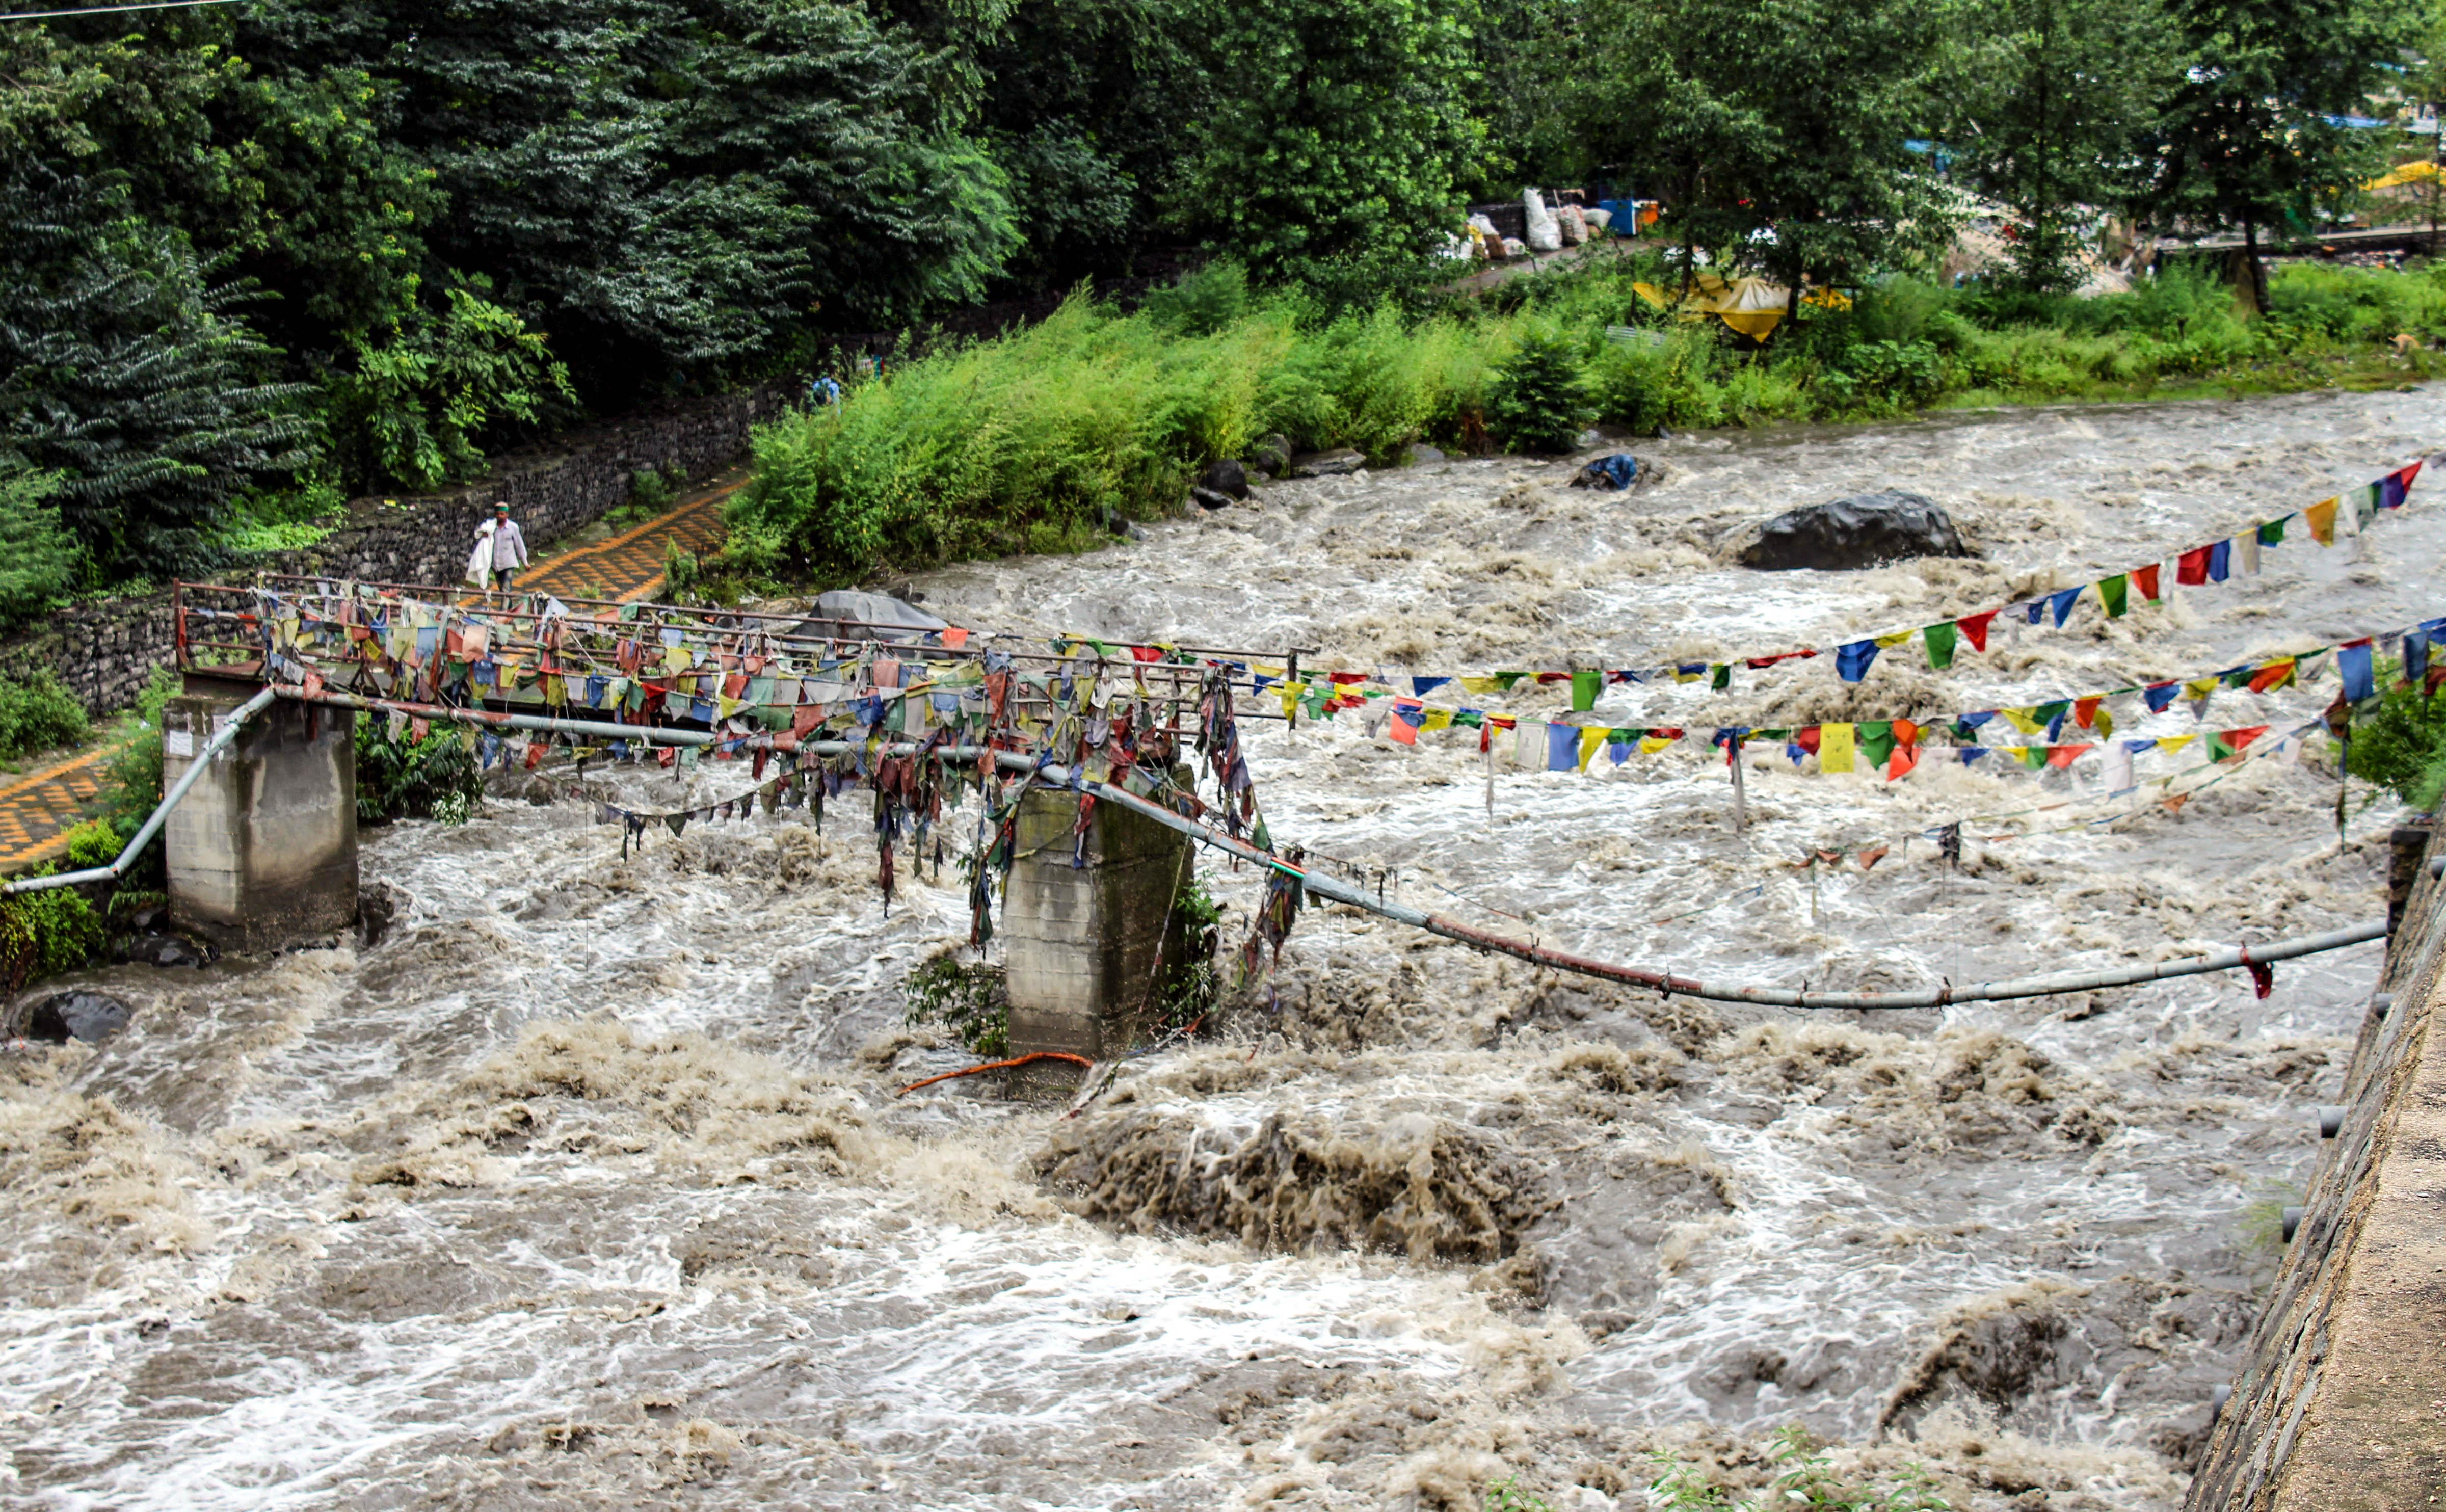 कुल्लू में लगातार हो रही बारिश के बाद ब्यास नदी का जलस्तर खतरे के निशान तक बढ़ गया है।